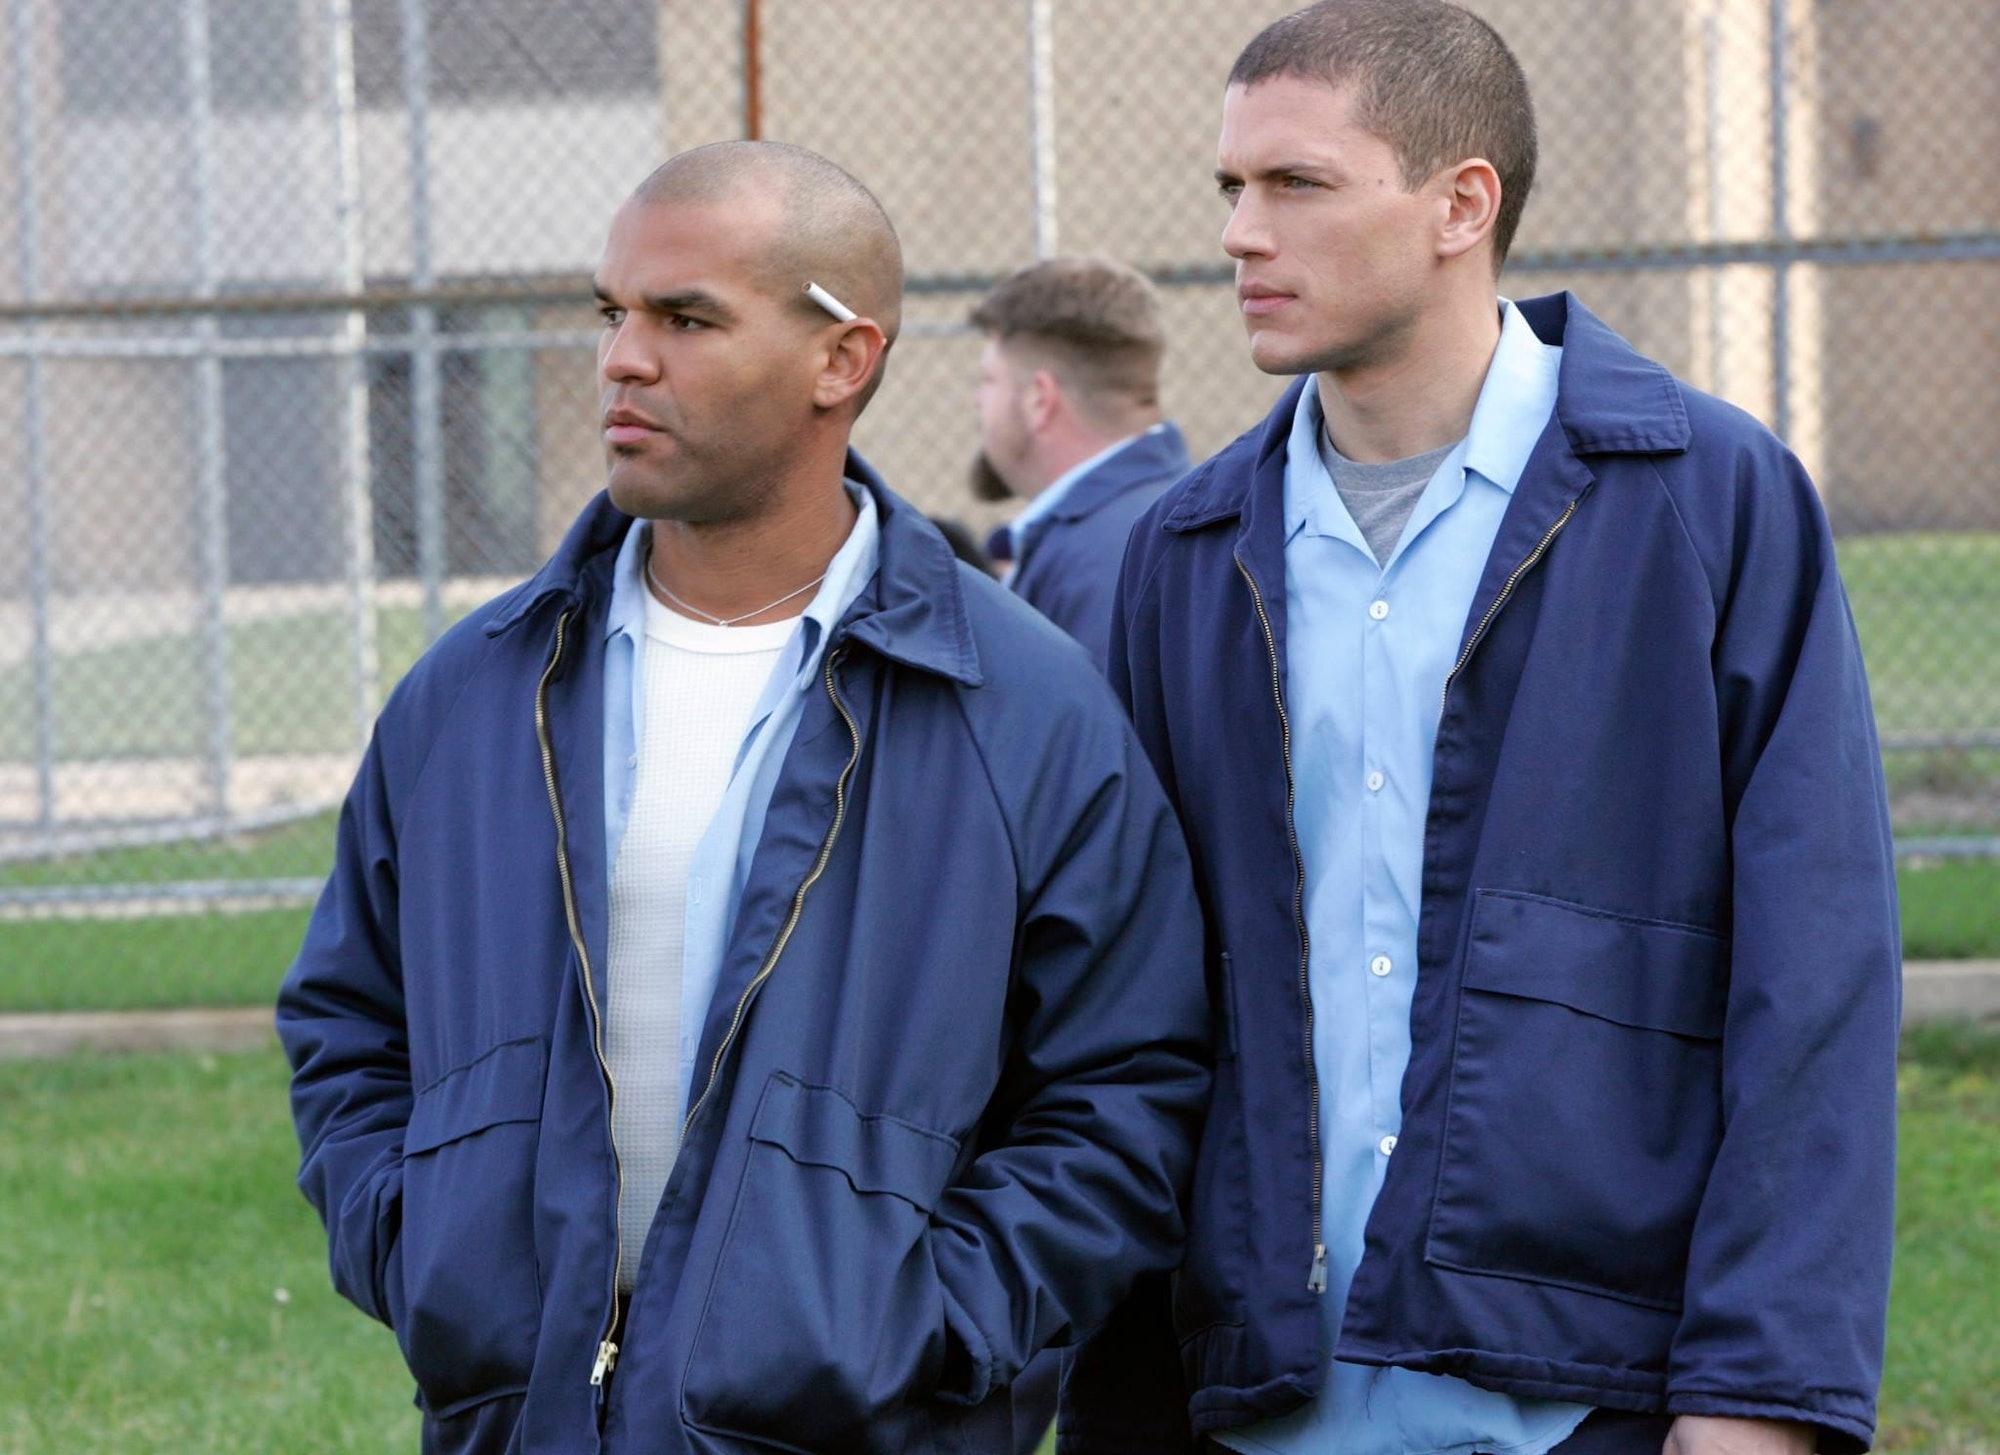 Amaury Nolasco and Wentworth Miller in 'Prison Break'